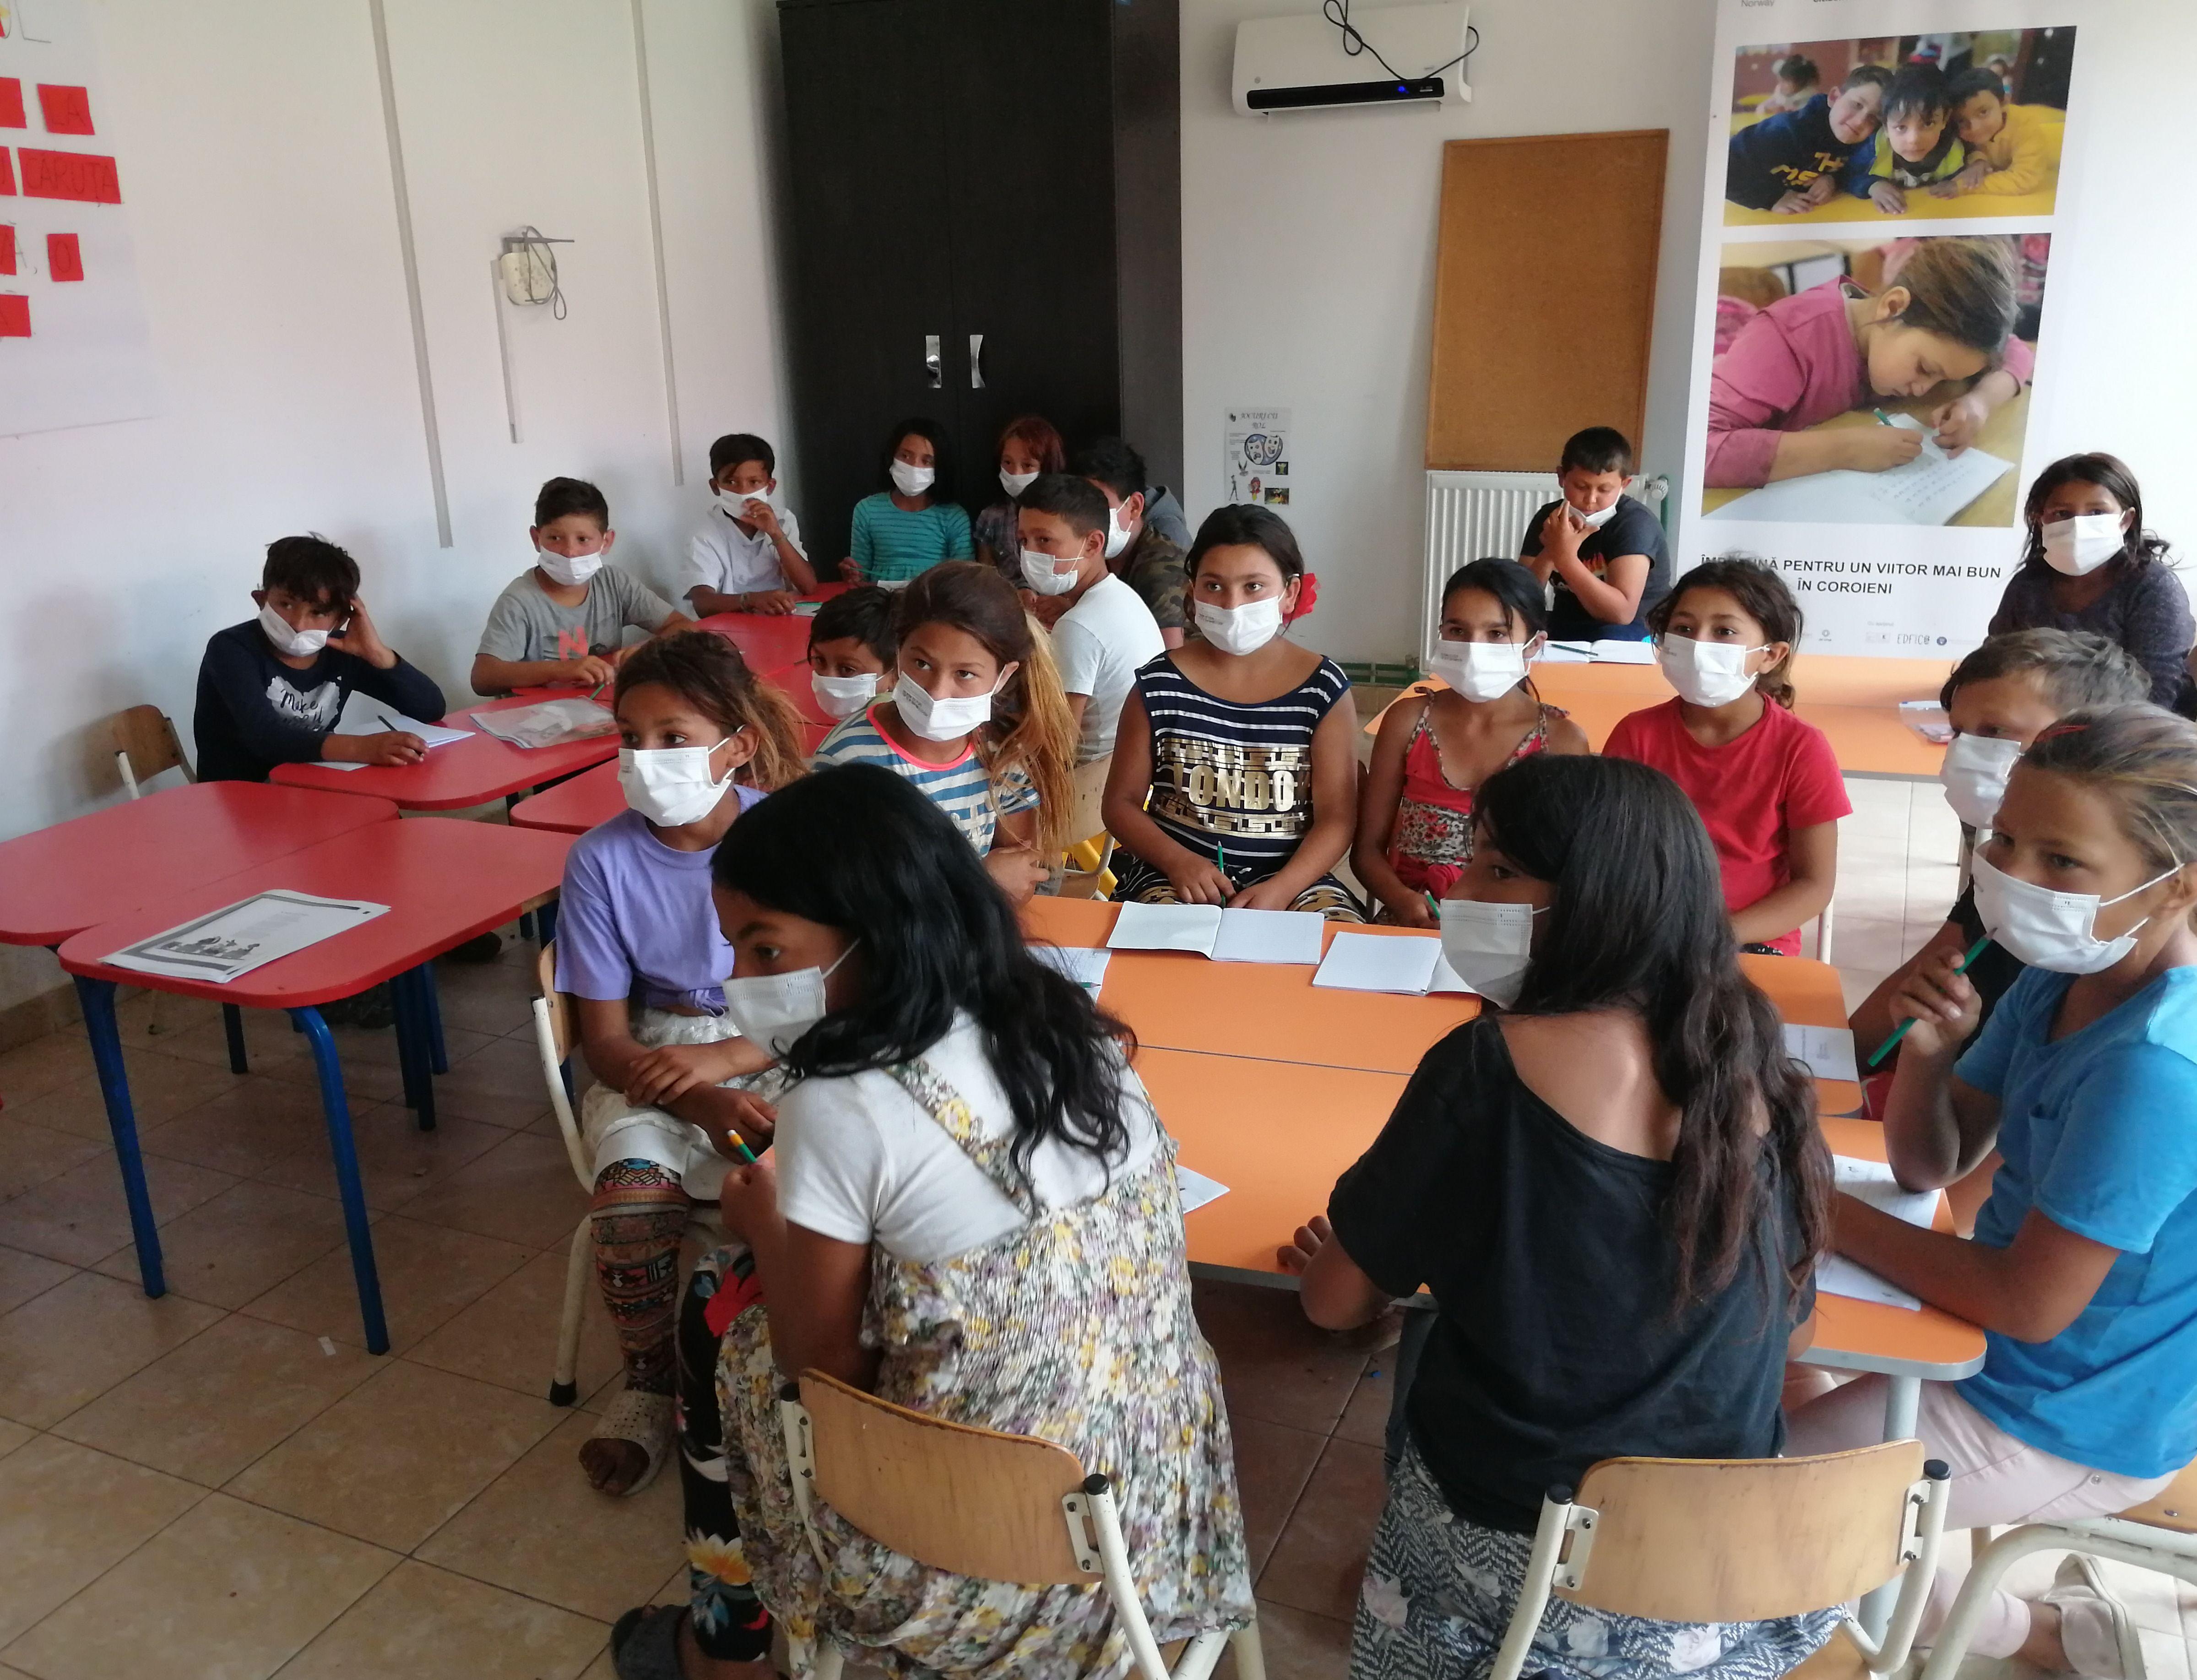 ABC în educație și sănătate la Ponorâta Accelerator de literație și dezvoltare personală, cursuri de îngrijire copil și alăptare